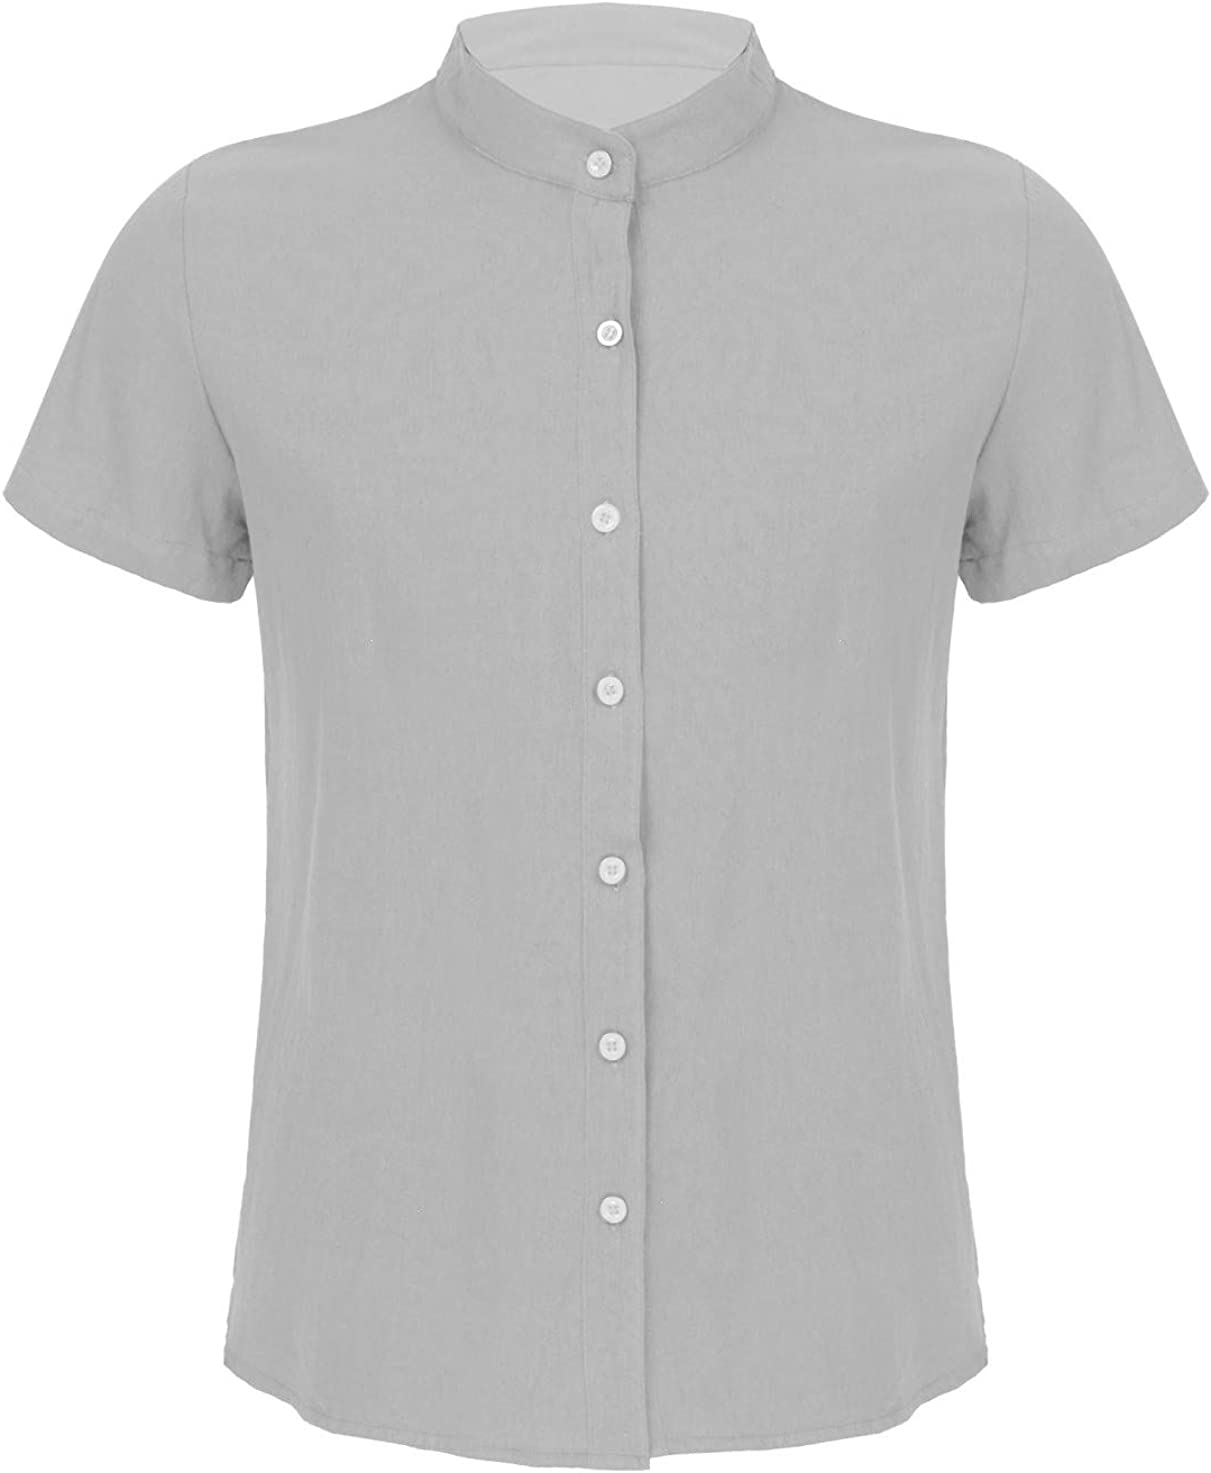 FEESHOW Men's Cotton Linen Button Down Dress Shirt Short Sleeve Casual Slim Fit Shirt Top